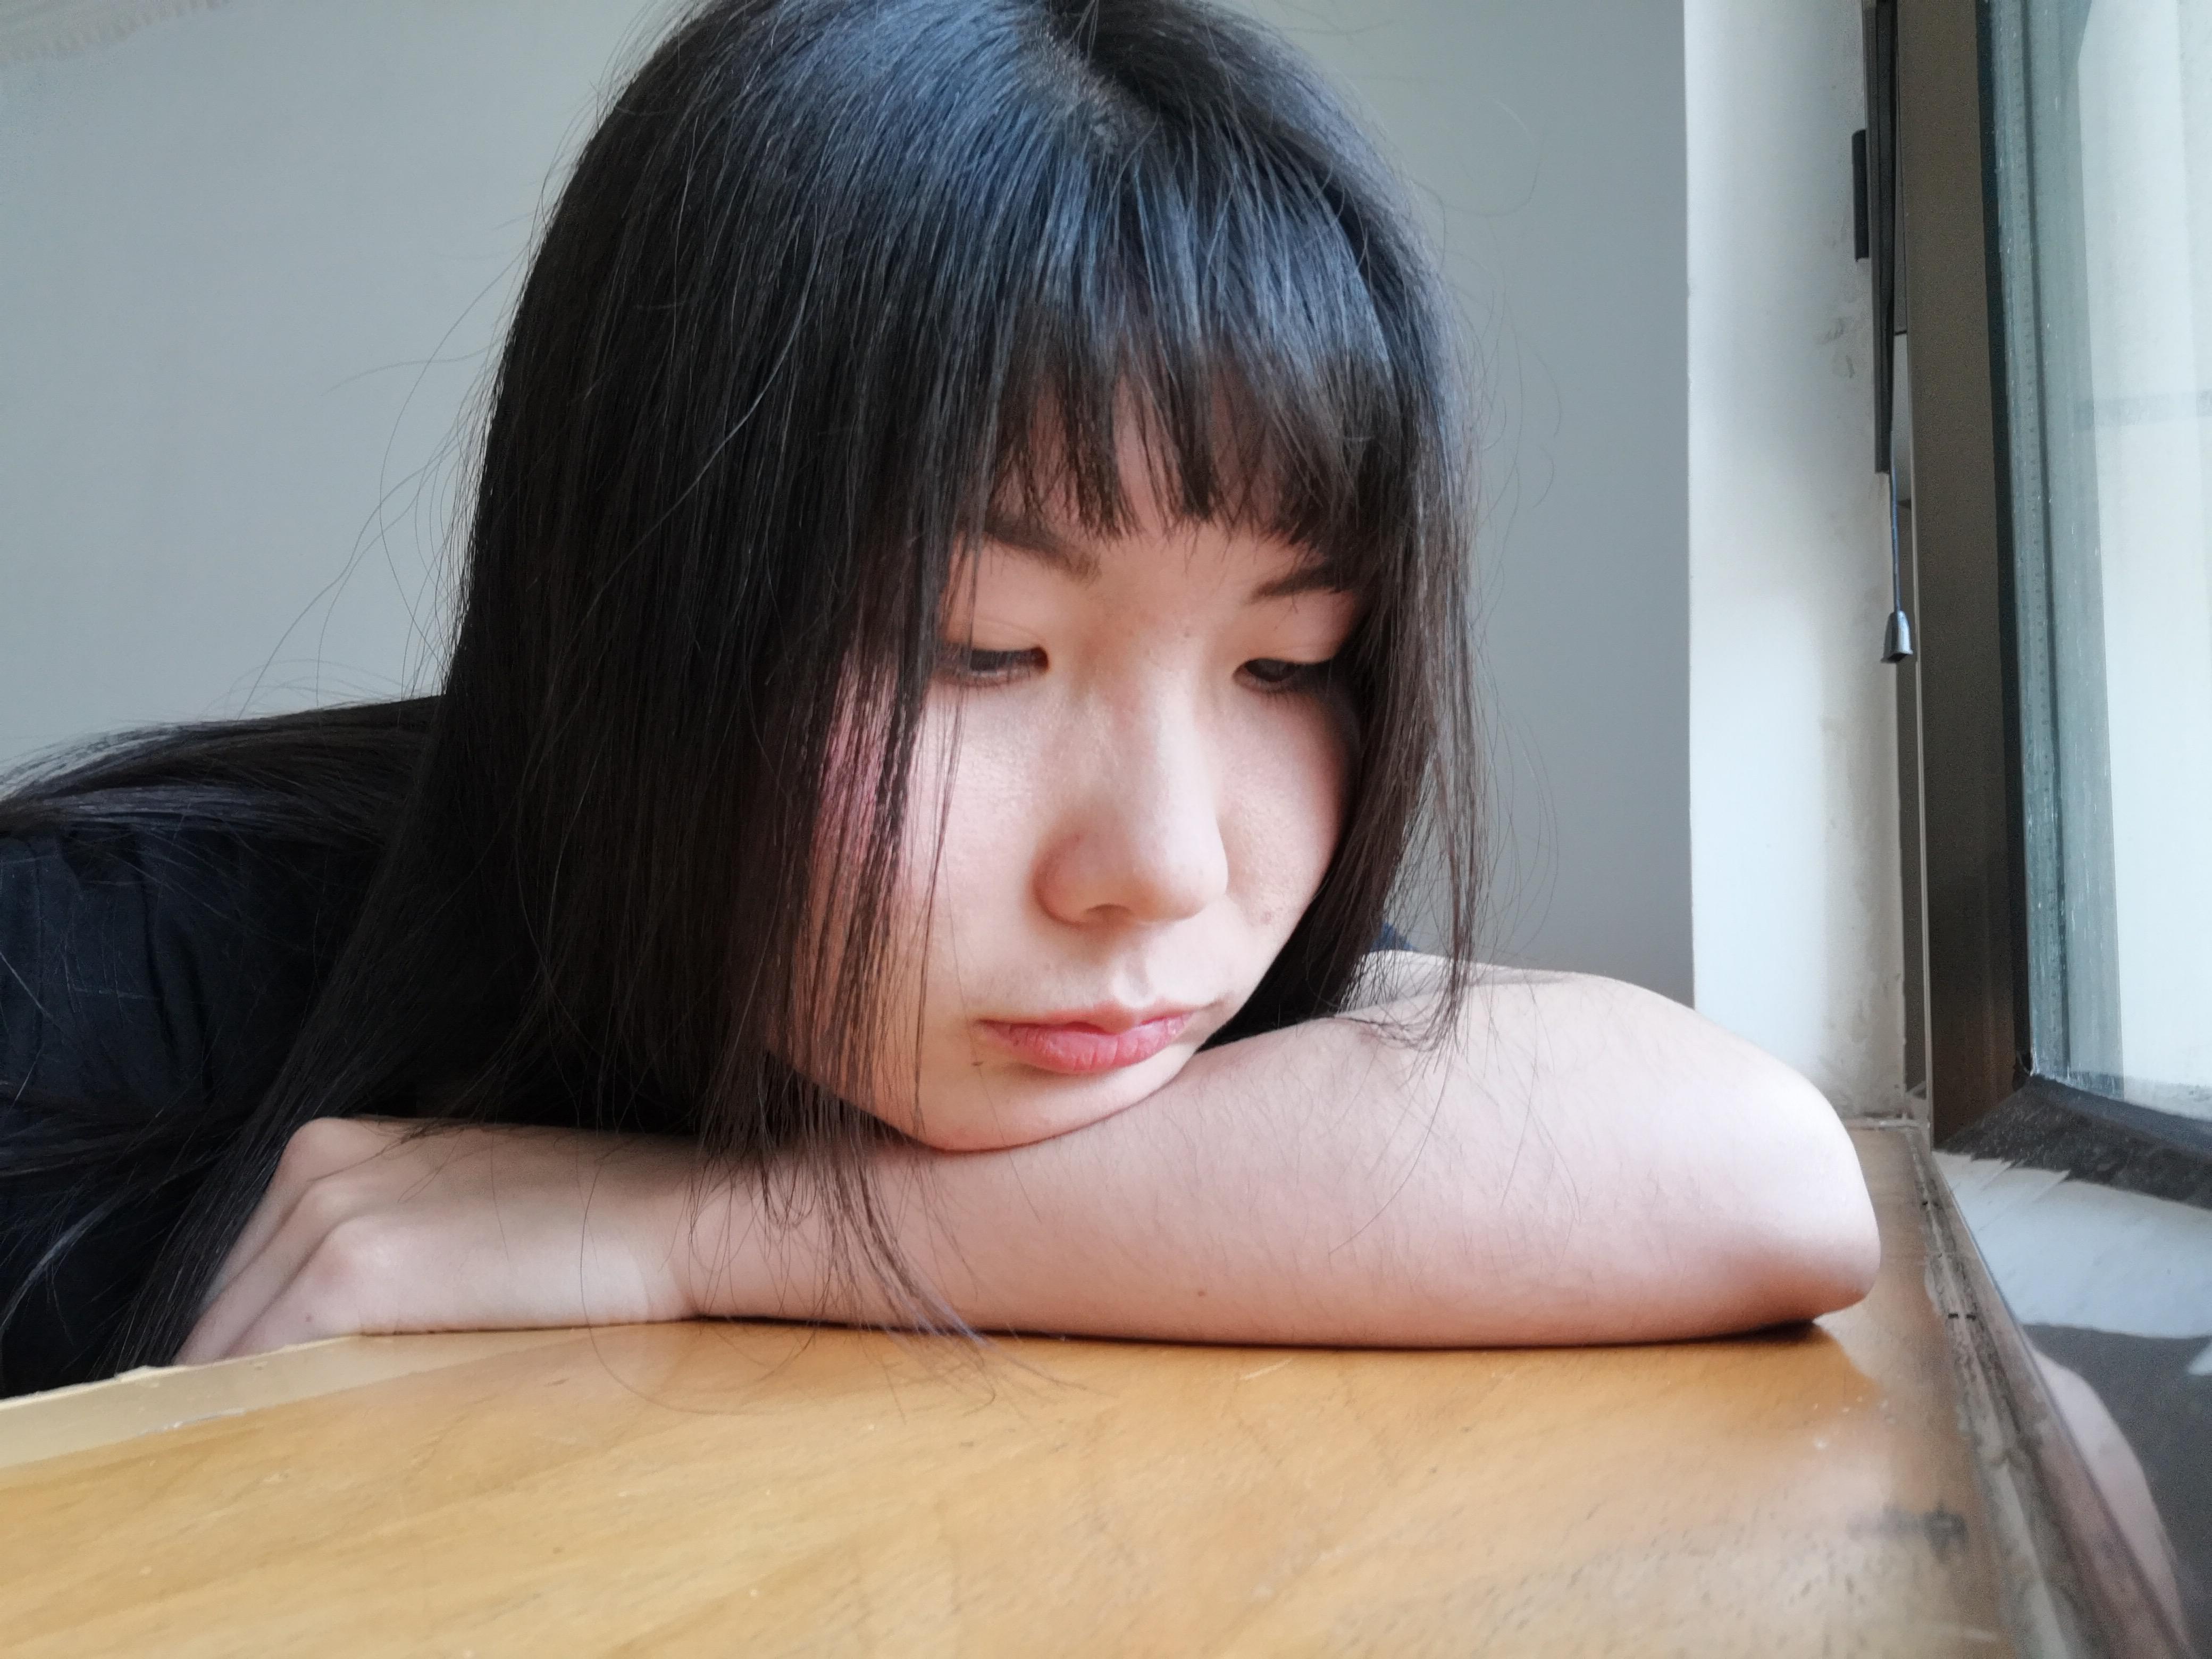 产品内侧金榜用户 柏蓉蓉-花粉俱乐部